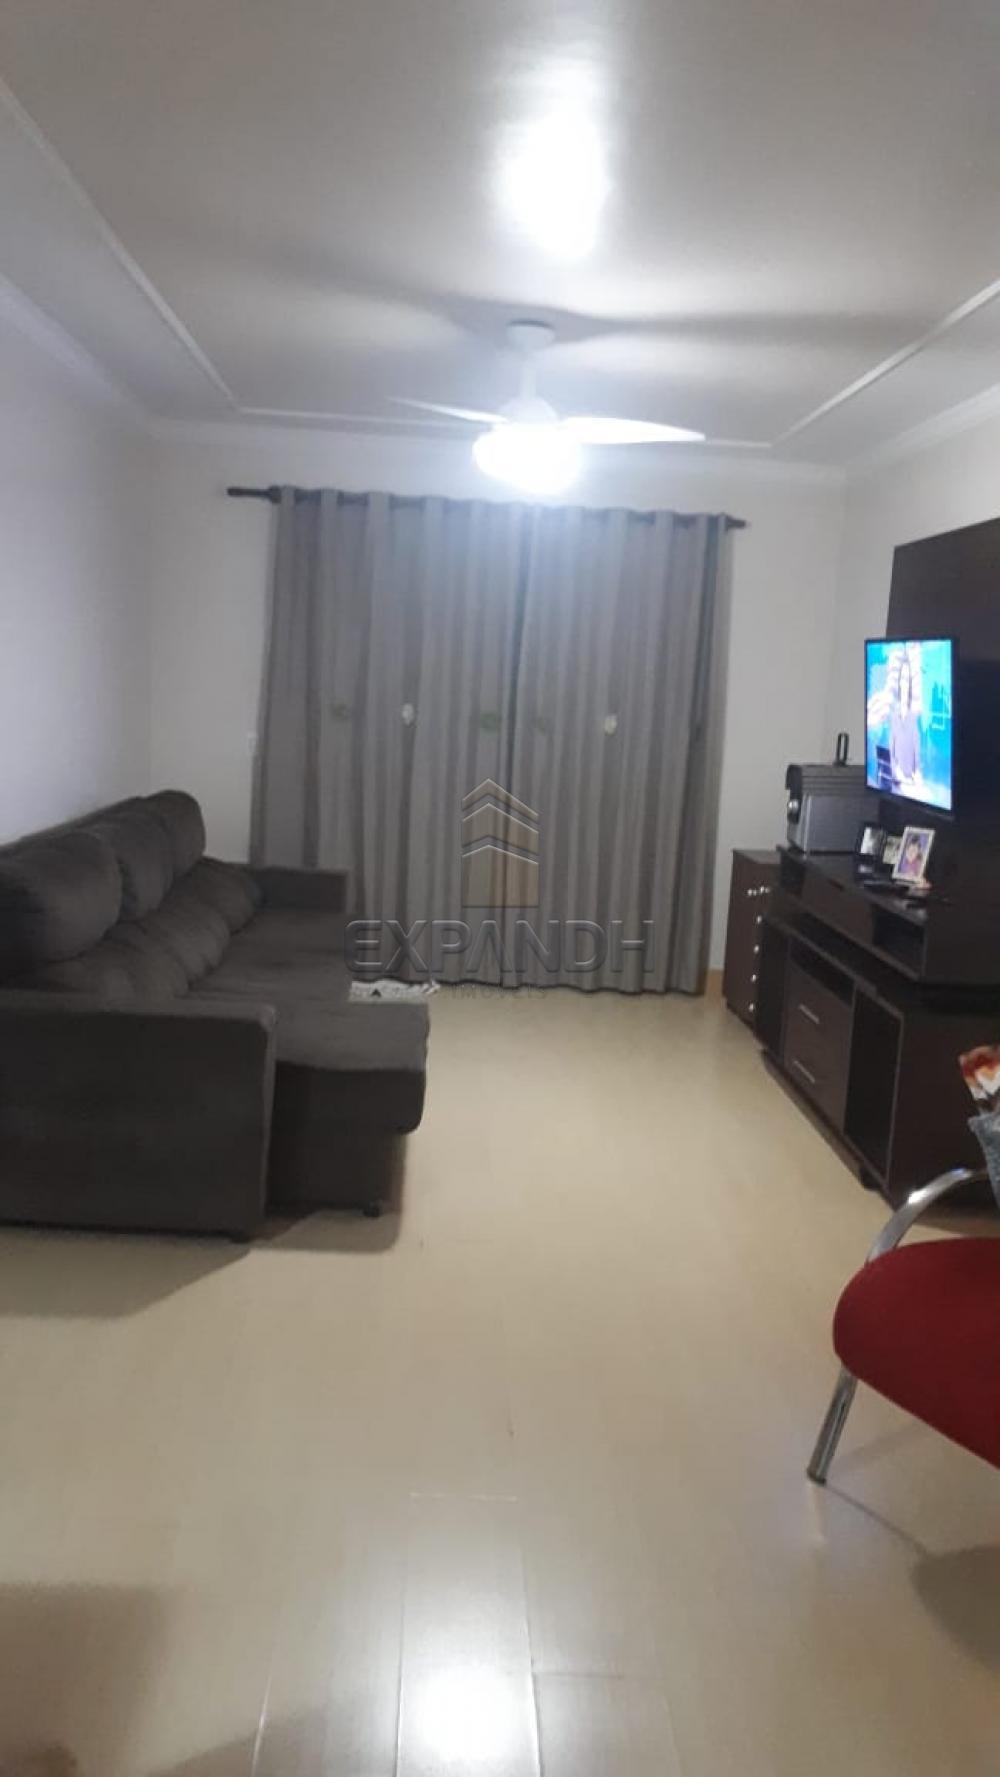 Comprar Apartamentos / Padrão em Sertãozinho R$ 380.000,00 - Foto 10